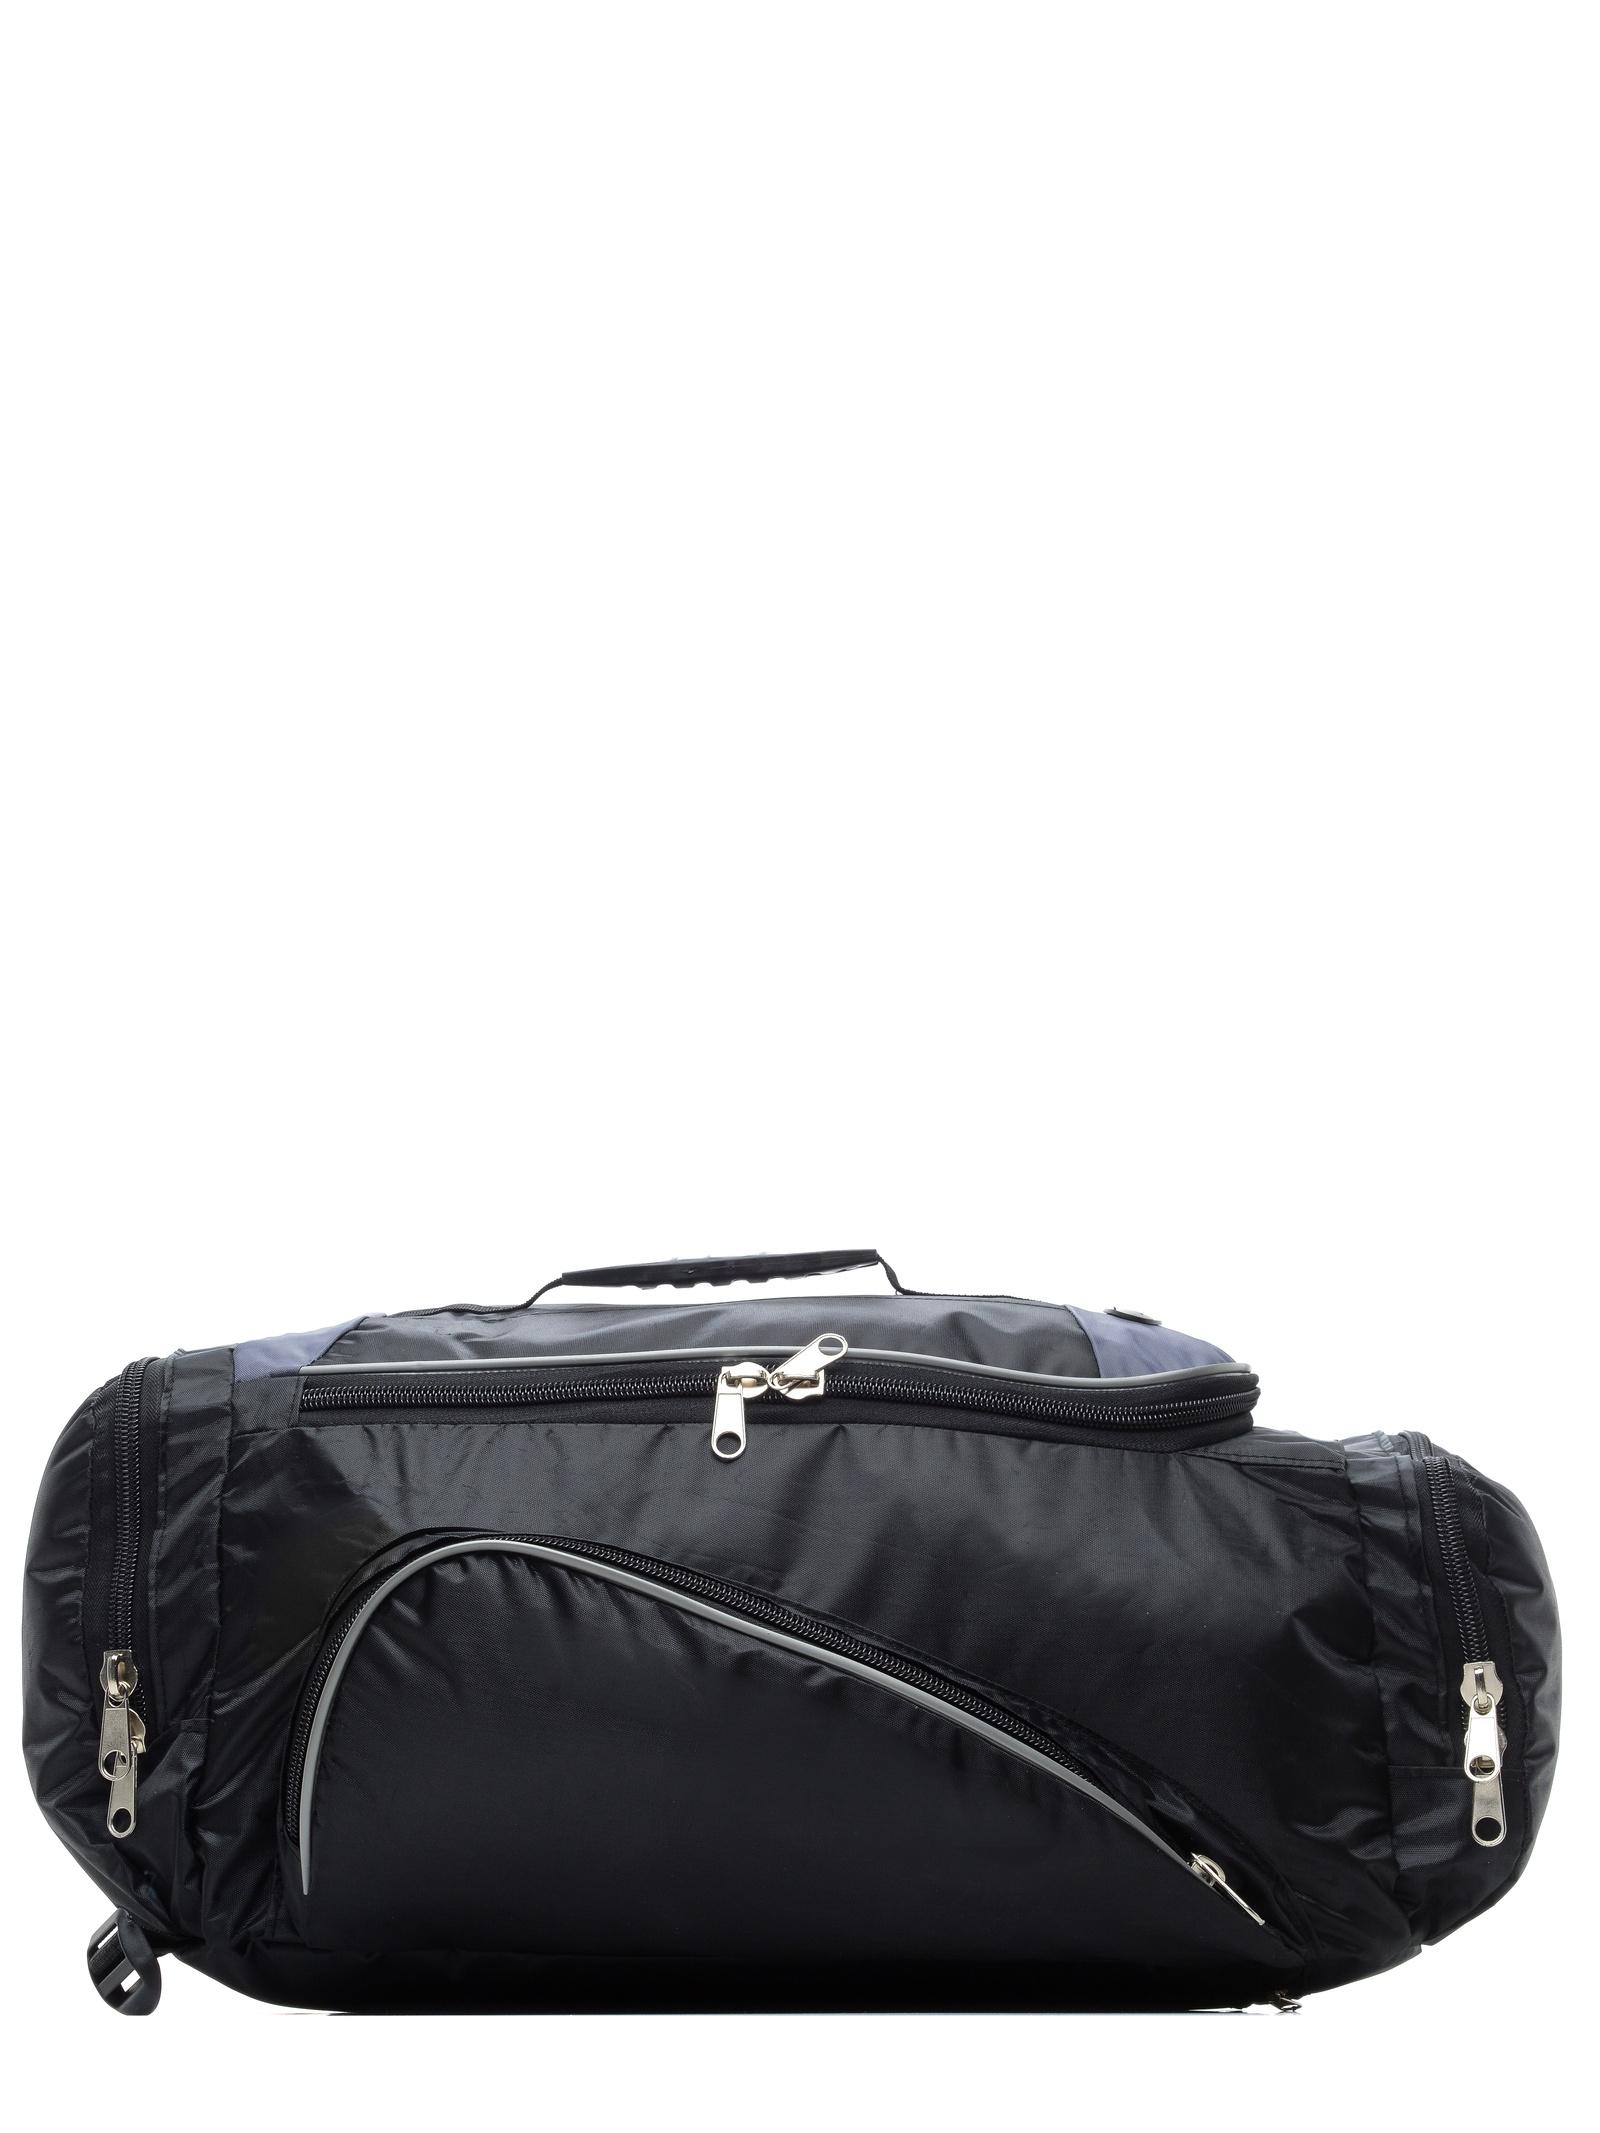 Сумка на плечо AST 2990000033062, 114/черный baifeng baifeng плечо сумка стиль элегантный серии корейский случайный свет мини чистый цвет нейлон гарнитура отверстие рюкзак женский черный